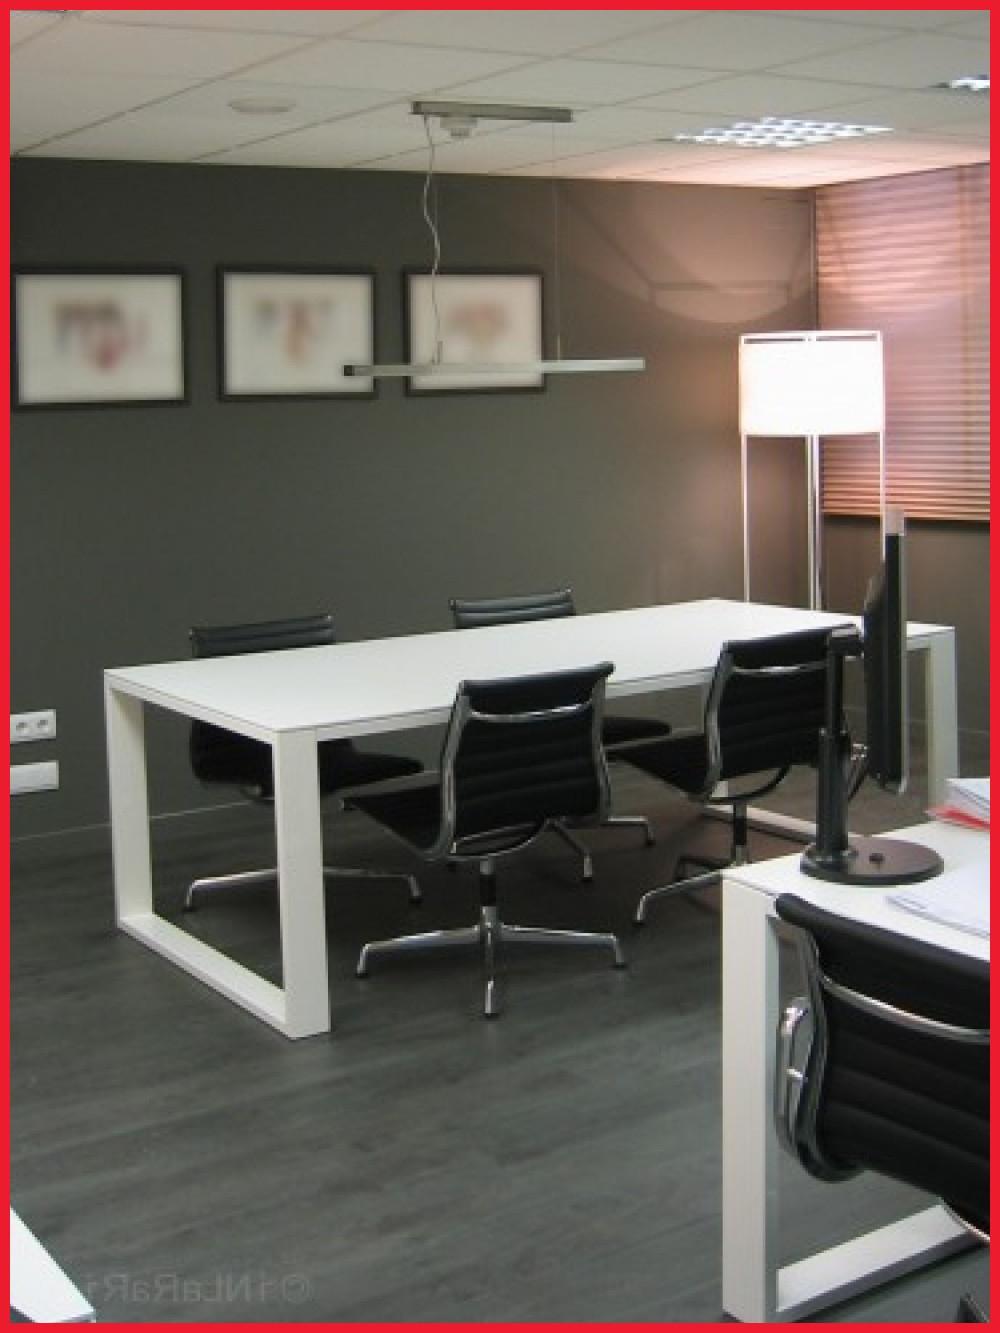 Mobiliario De Oficina Segunda Mano E6d5 Muebles Oficina Segunda Mano Madrid Tienda Icit Tienda De